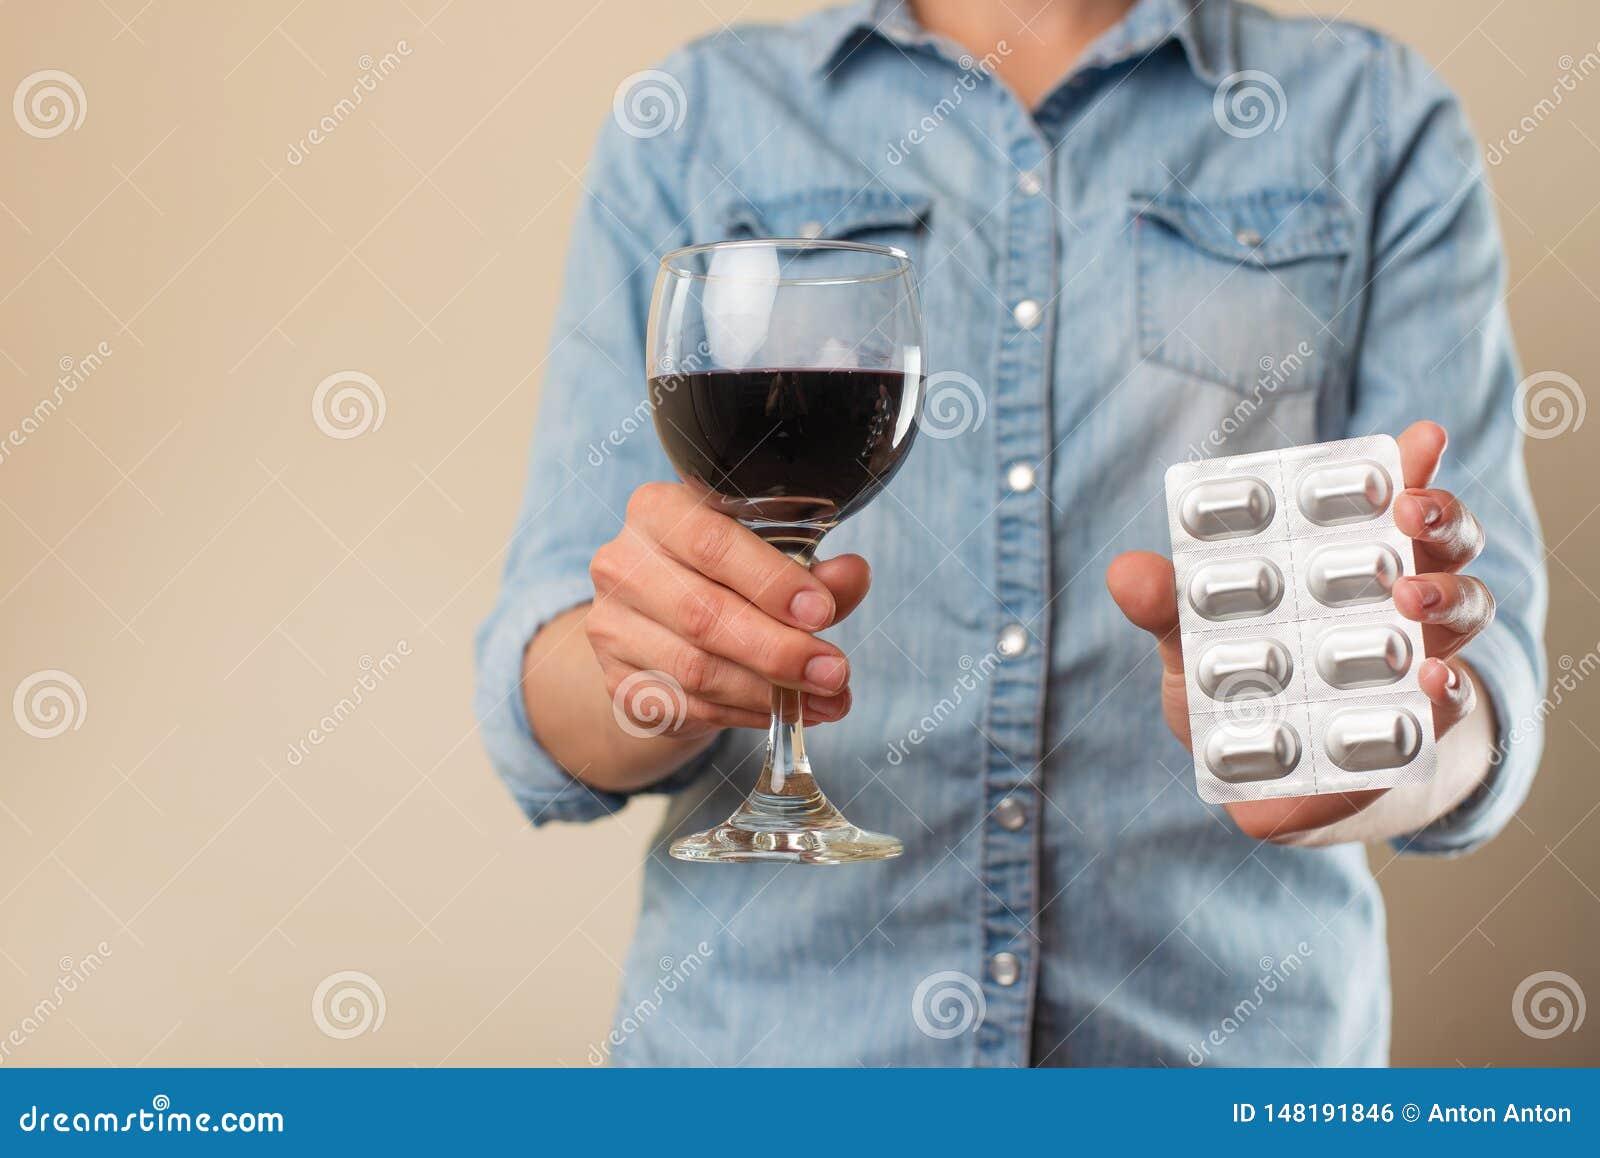 女孩拿着与一杯的一个药片酒,对药物的一个禁令酒精的,治疗选择或酒精